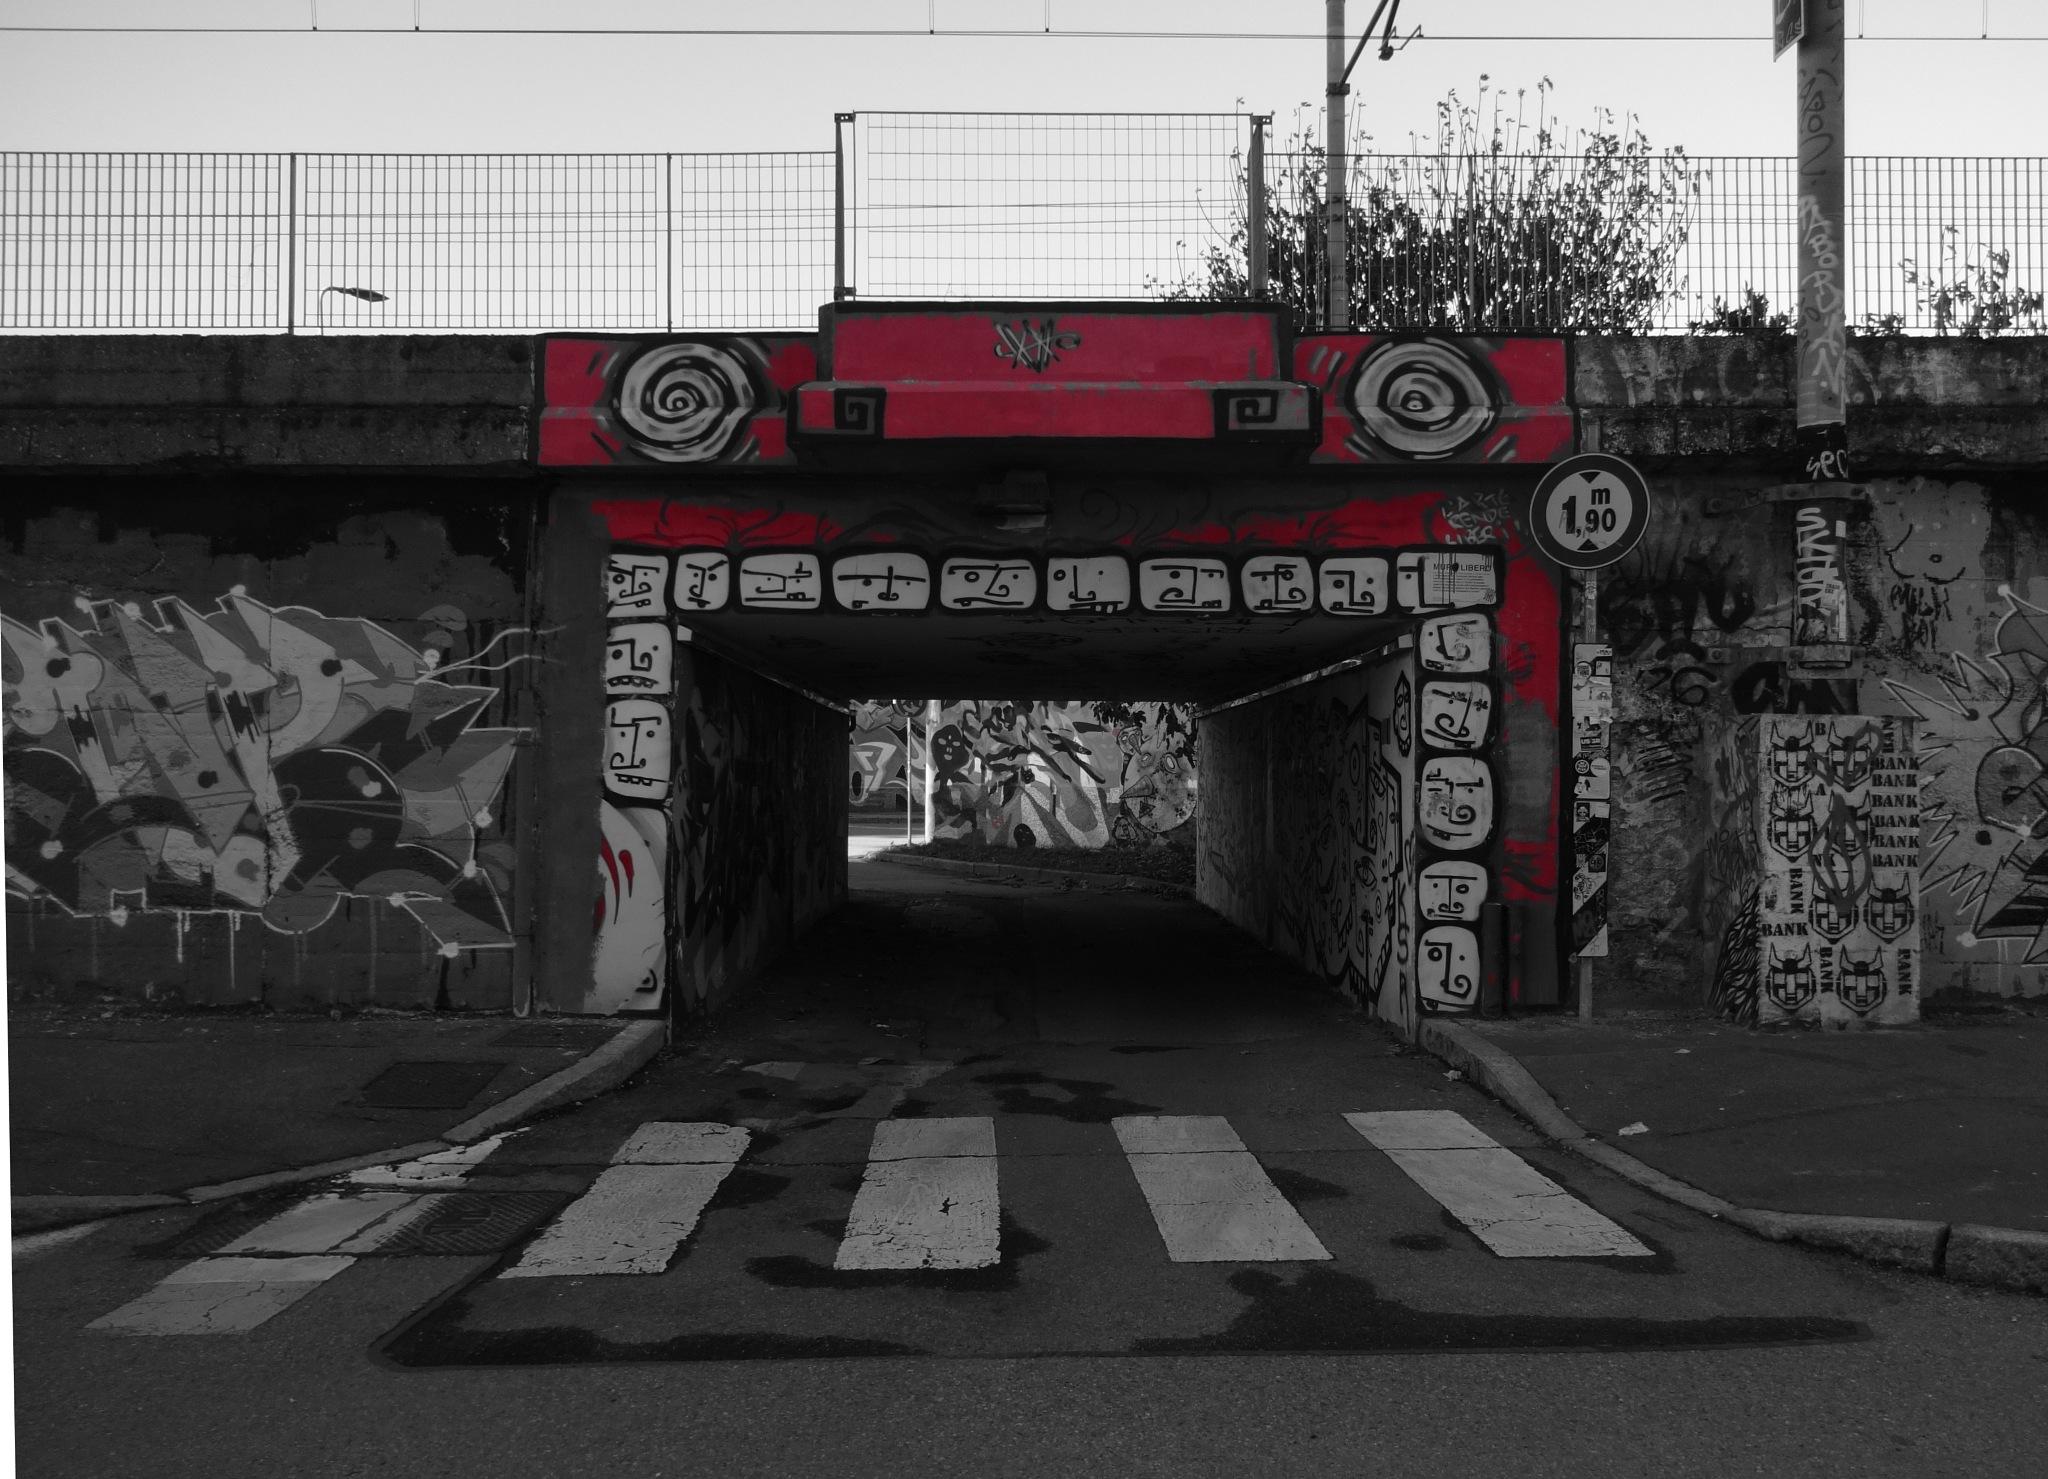 Street Art by Karolis Abramavičius